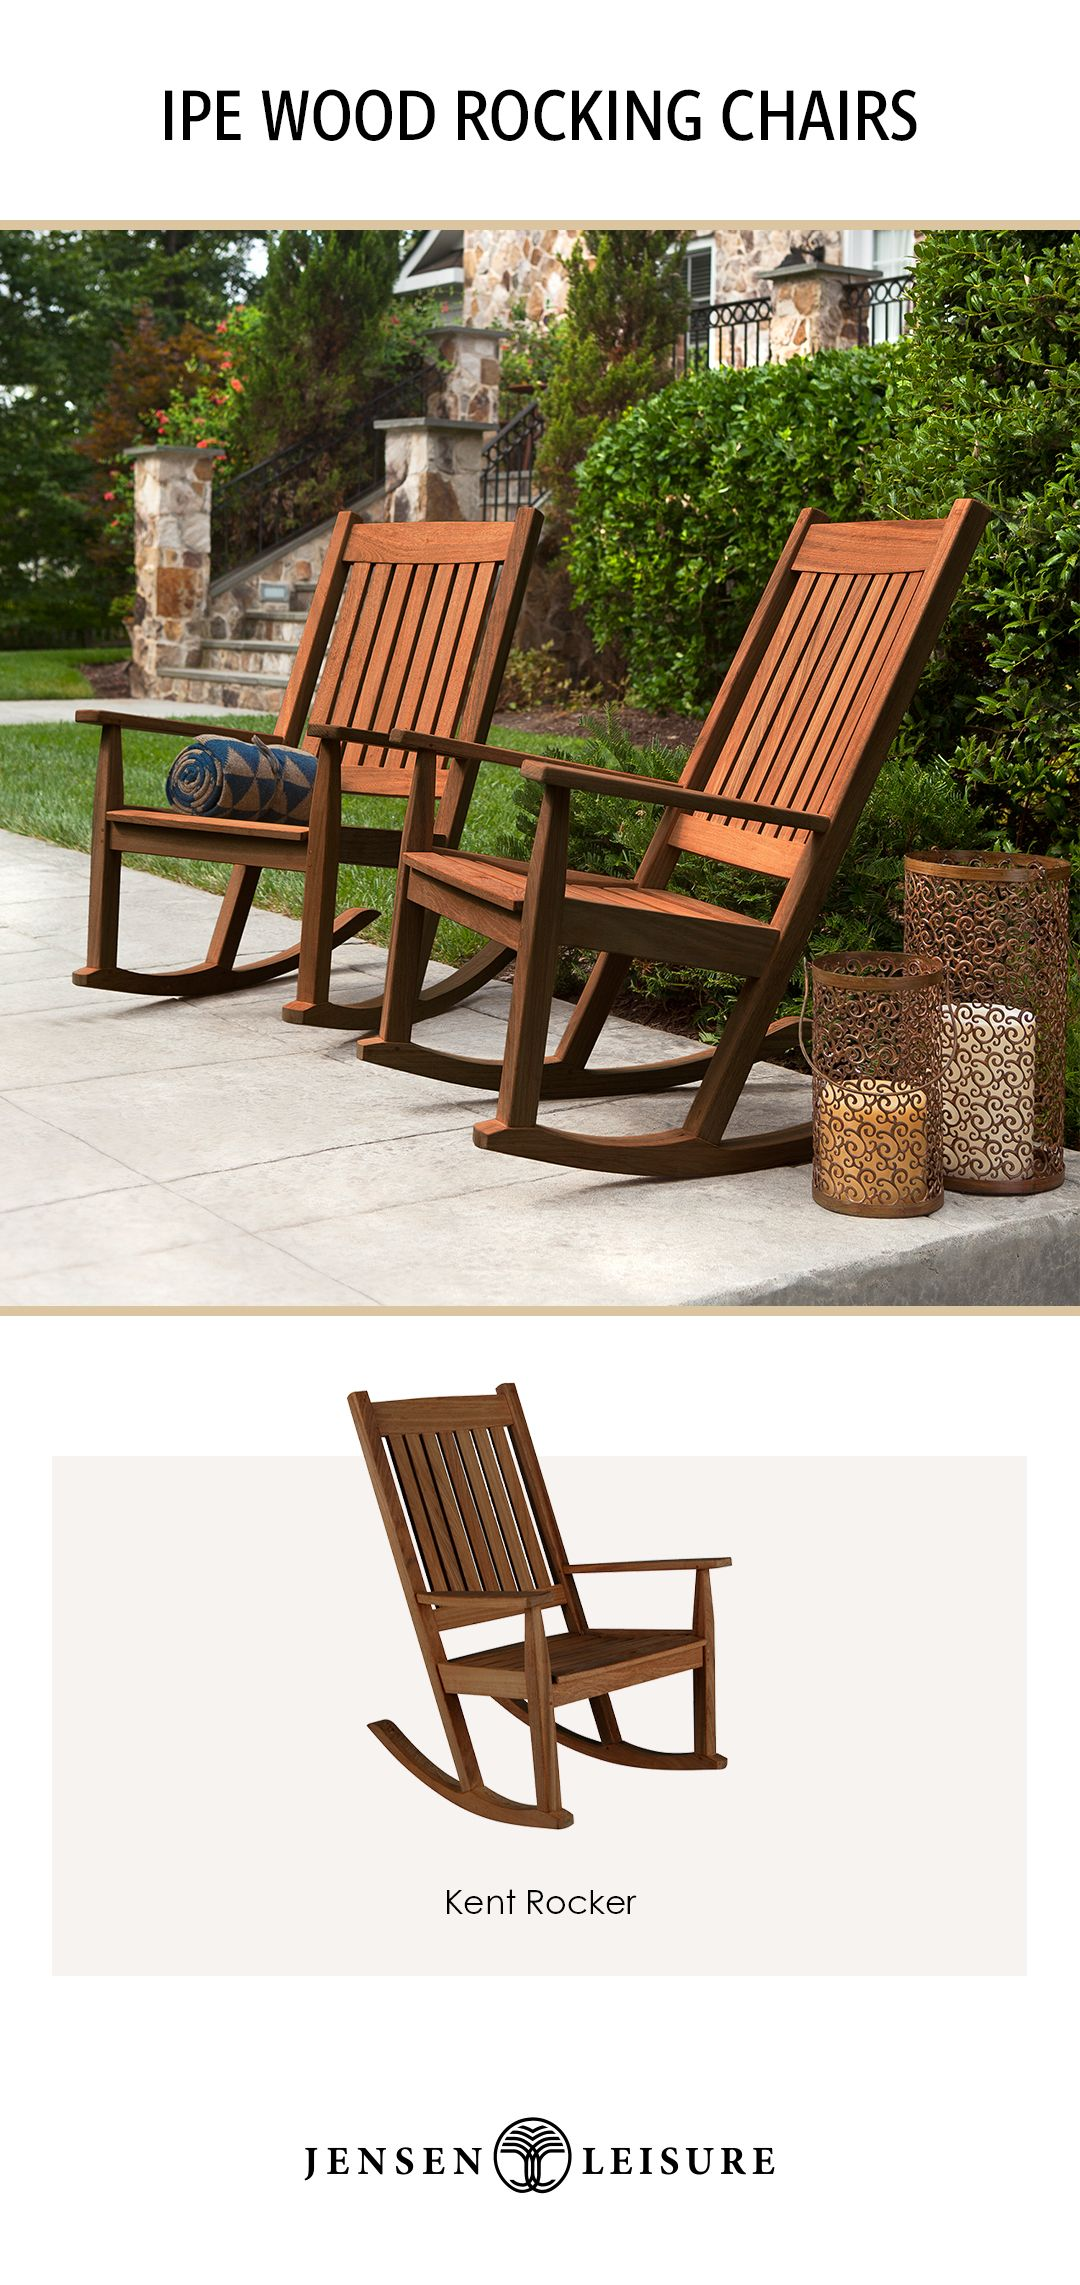 Ipe Wood Kent Rocker From Jensen Leisure Backyard Patio Designs Patio Design Backyard Patio Deck